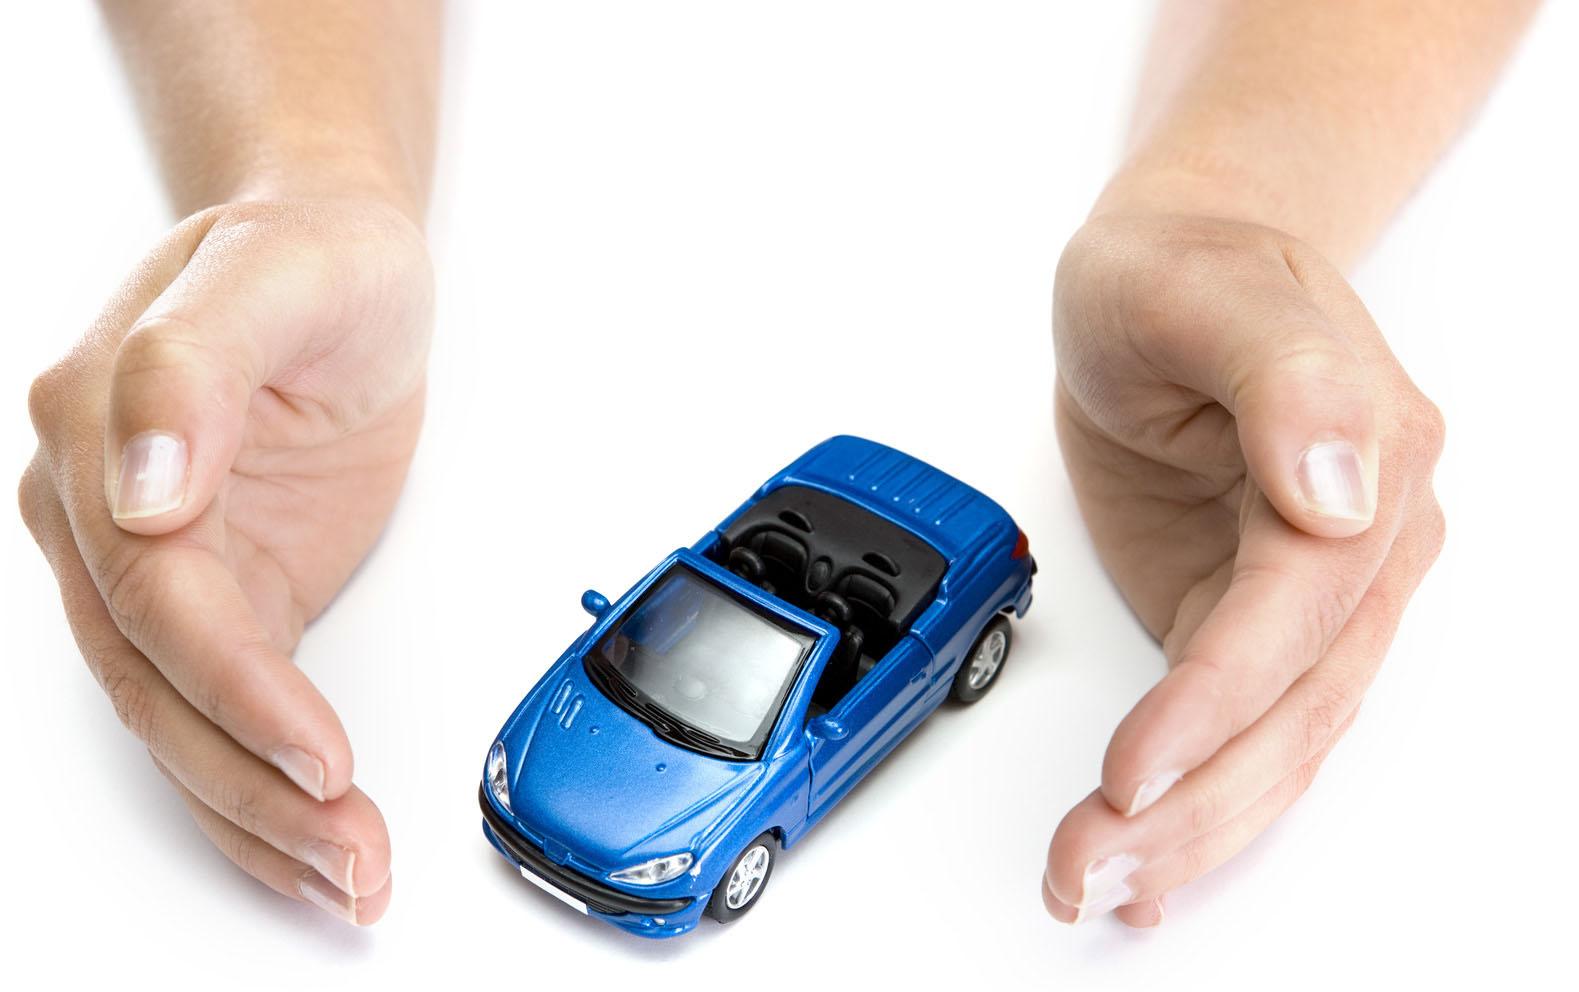 КАСКО путь к решению многих проблем автомобилистов